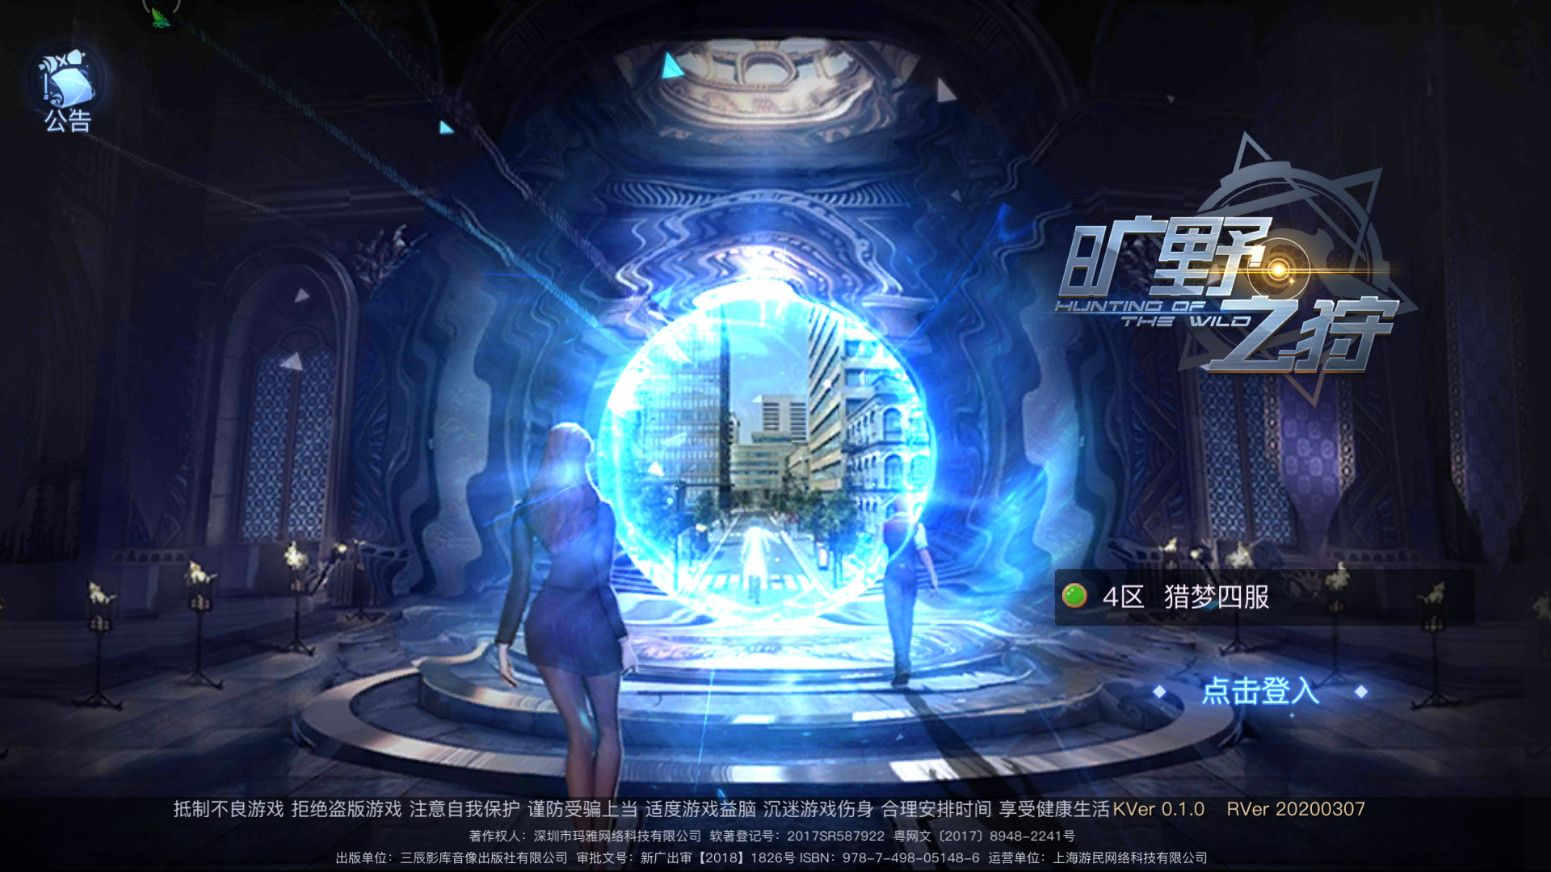 3D都市魔幻穿越空间手游:《旷野之狩》怎么样?